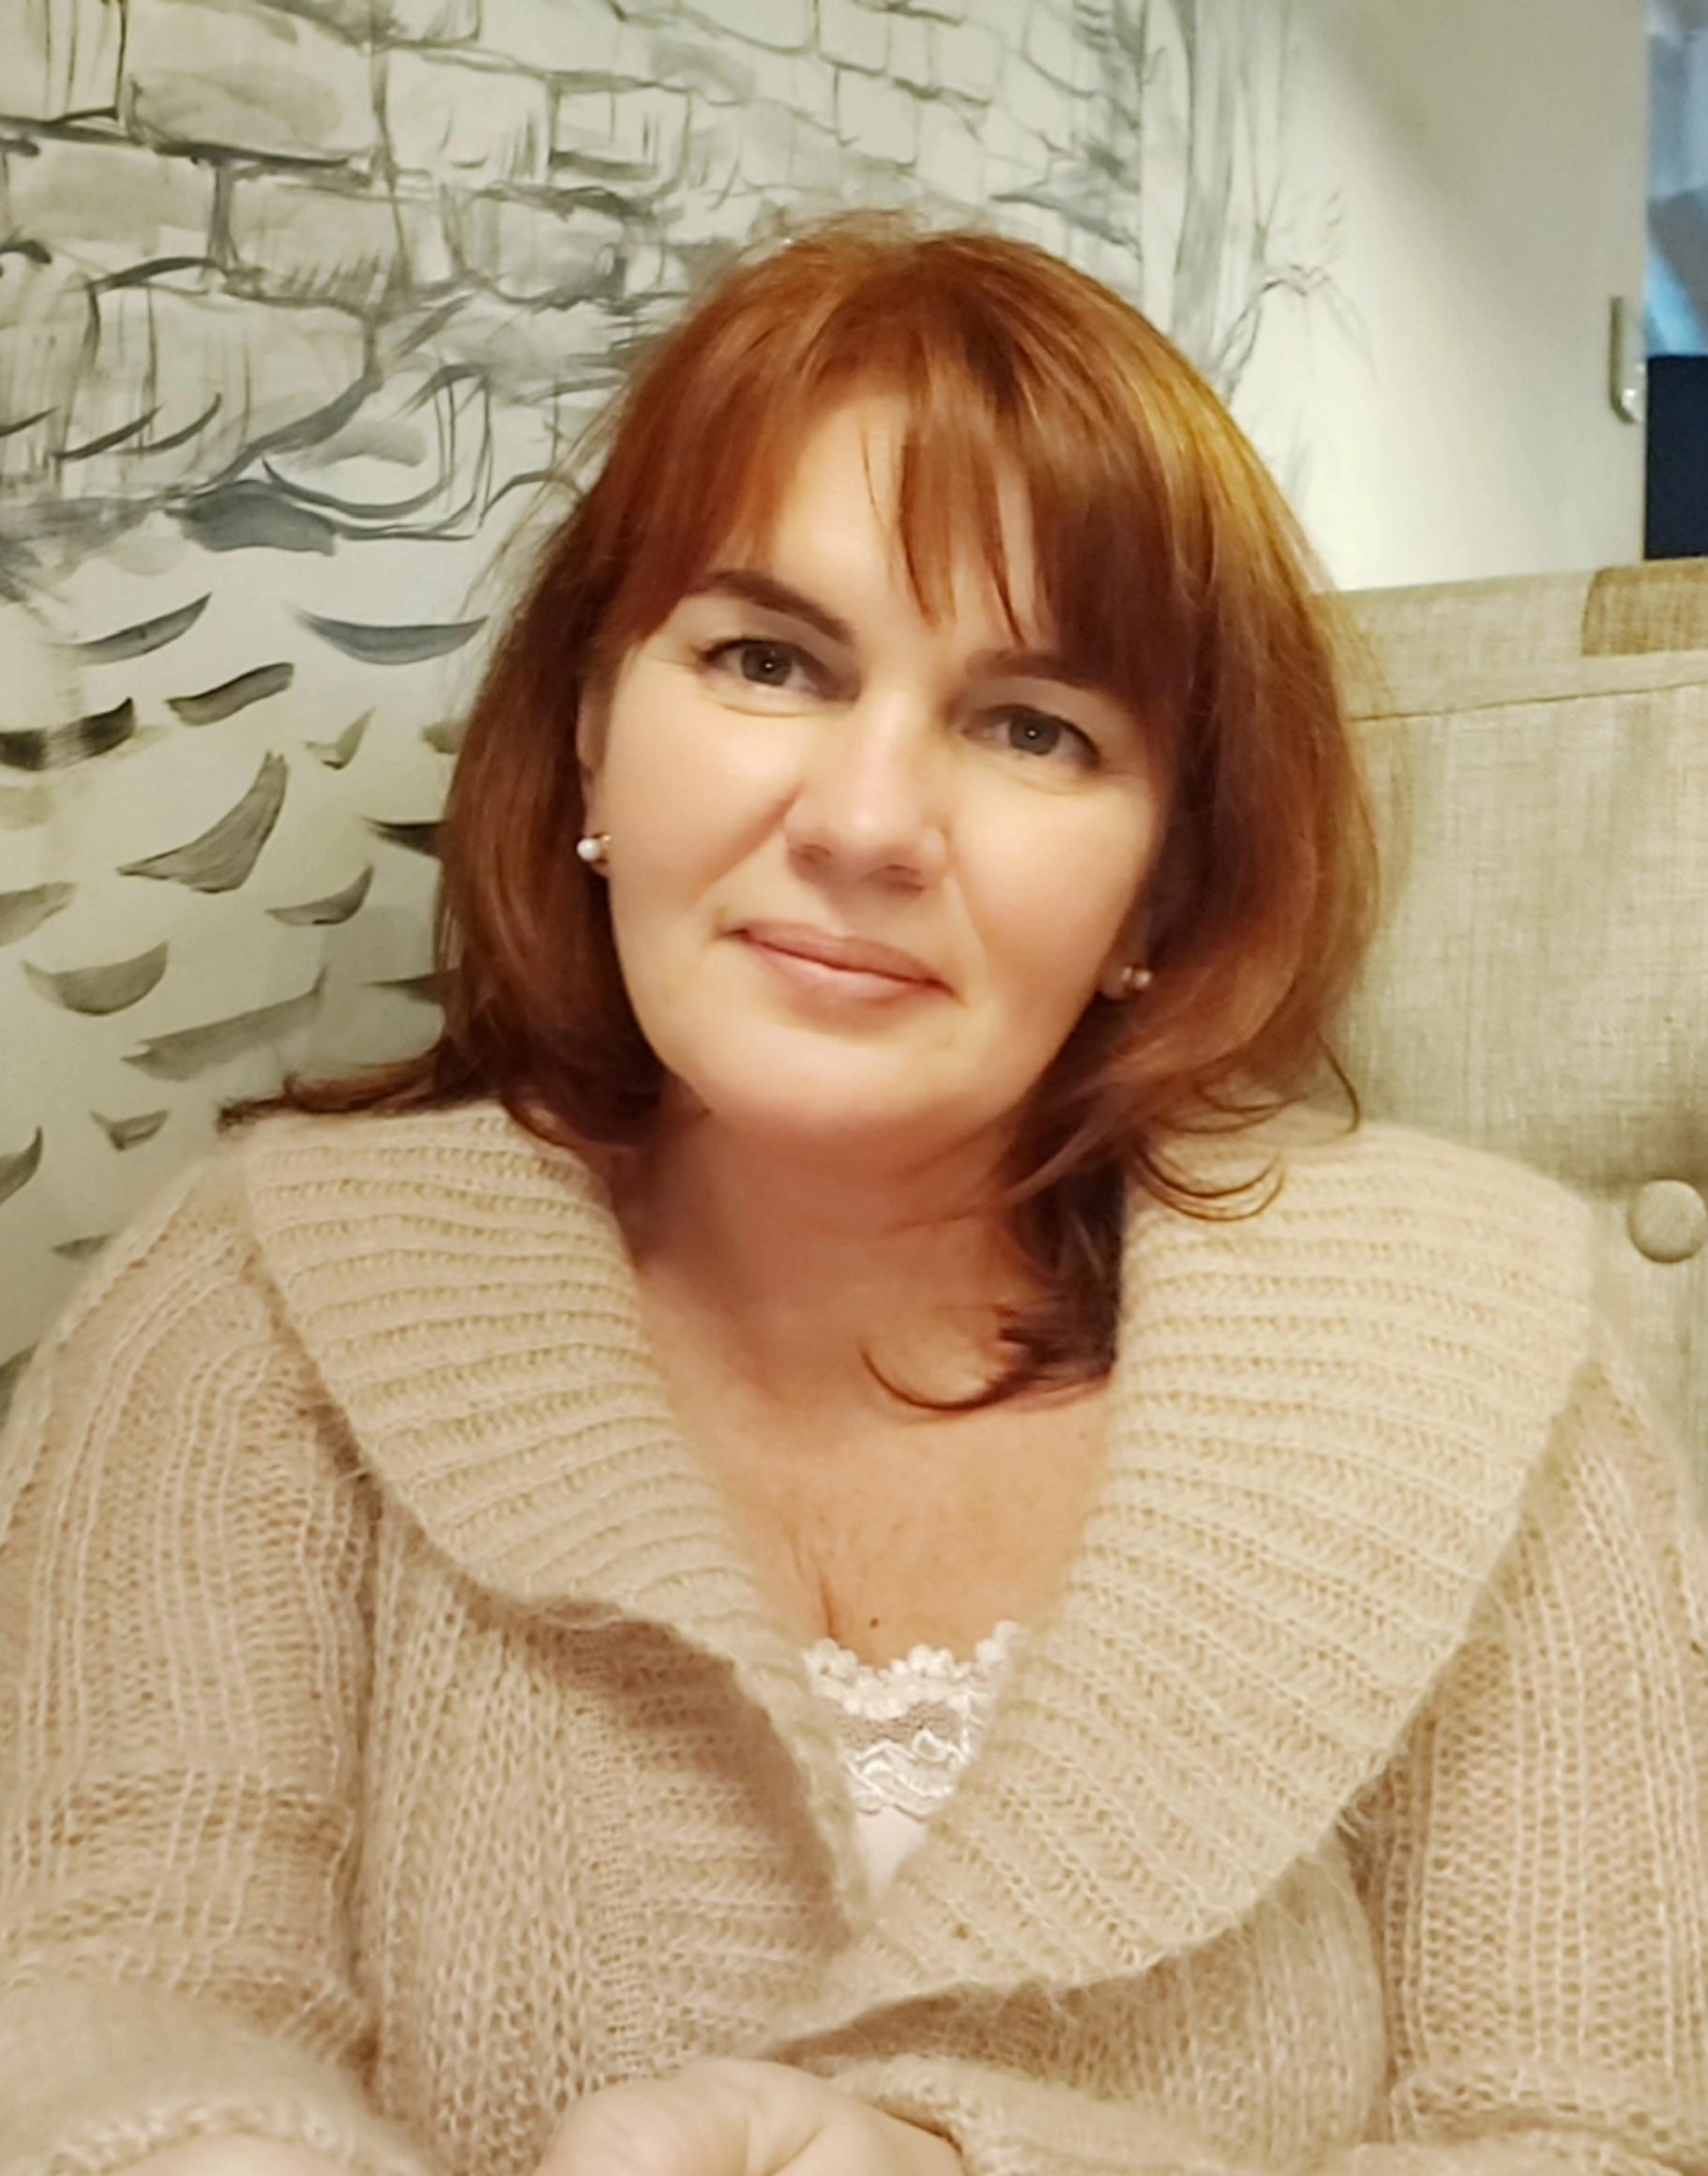 Шульга Алла Психотерапевт Европейского Реестра с правом практиковать в 80 странах мира.